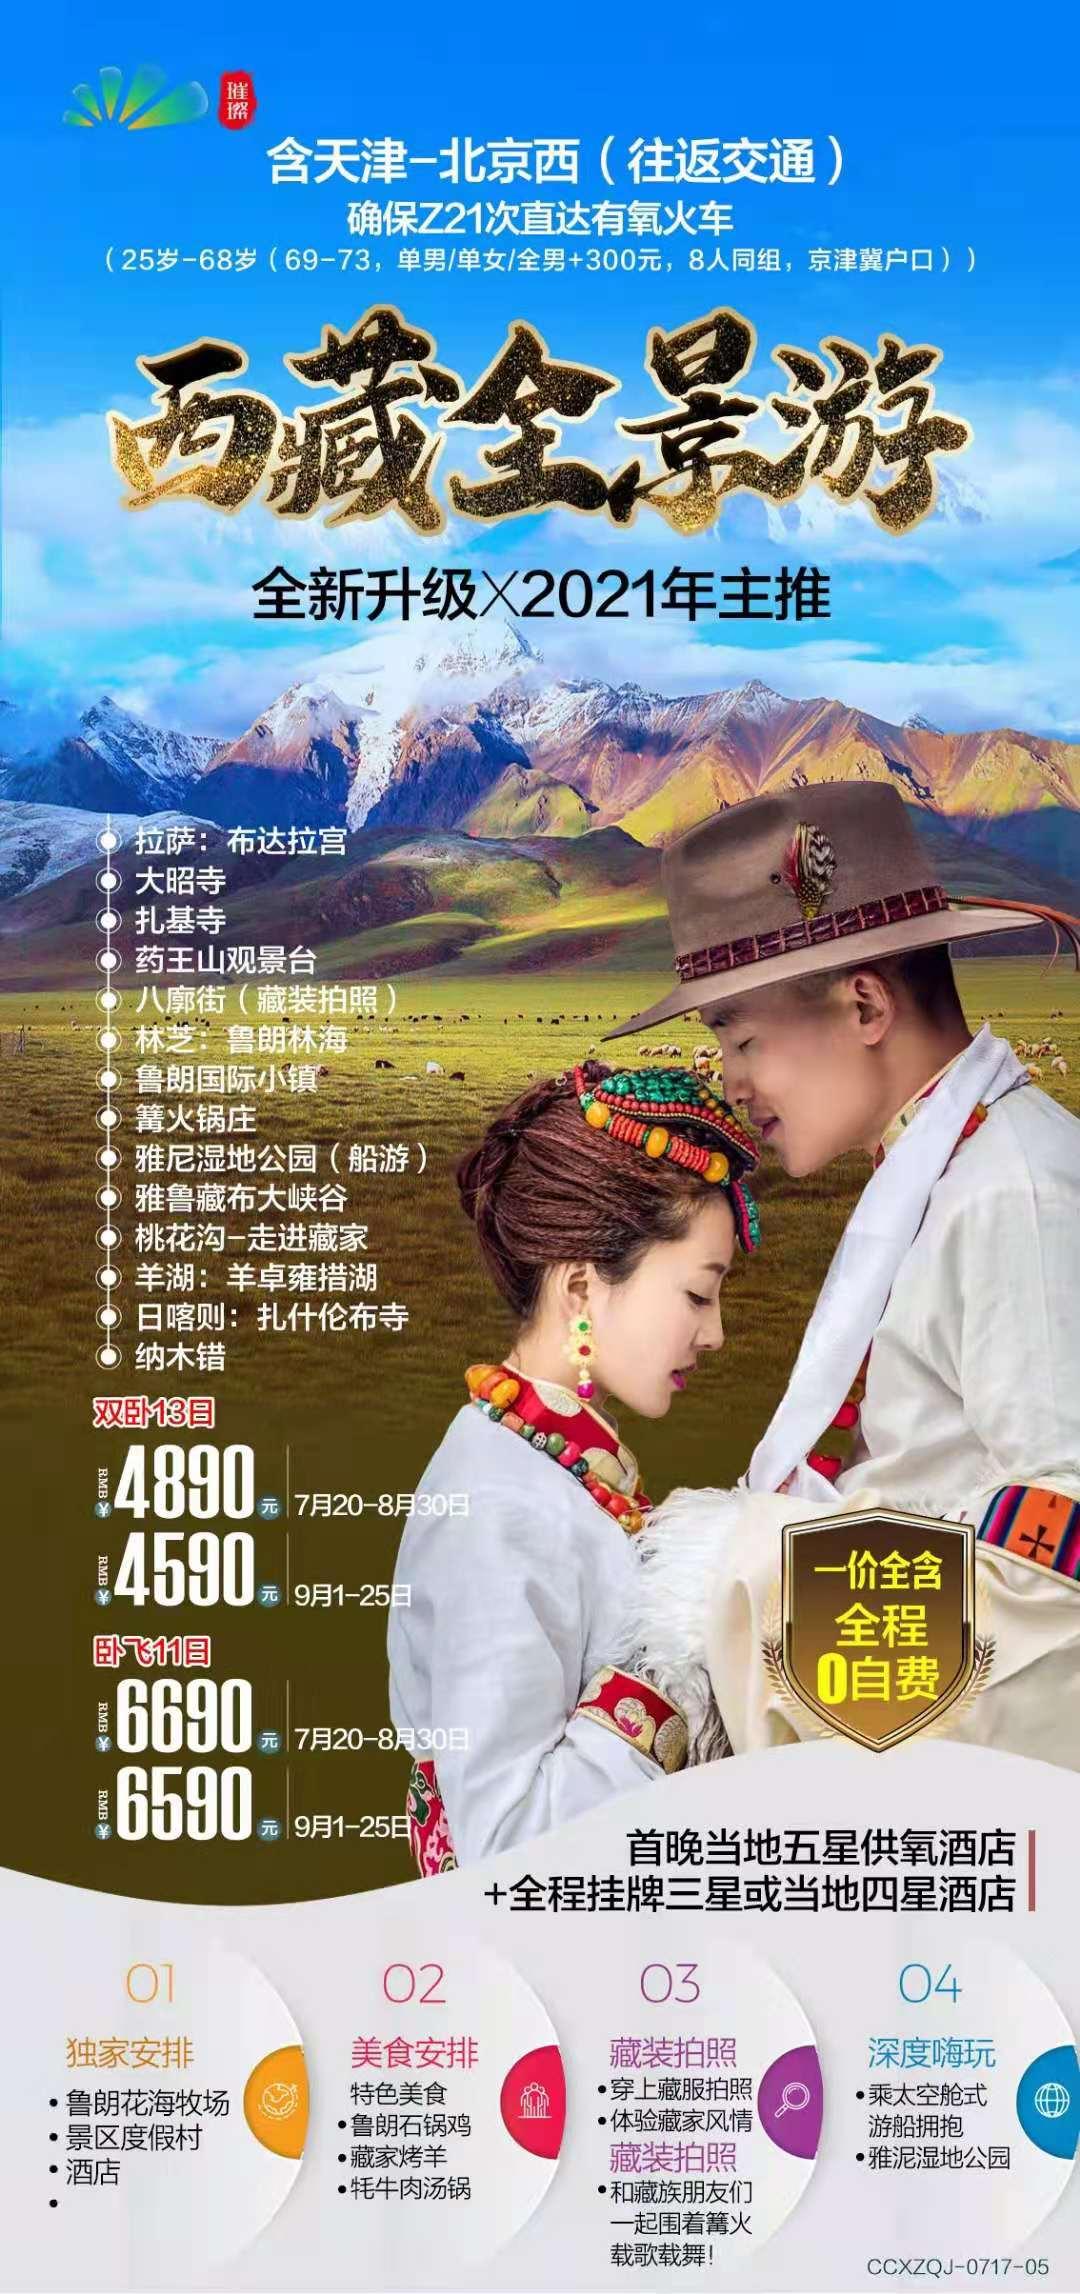 西藏全景游